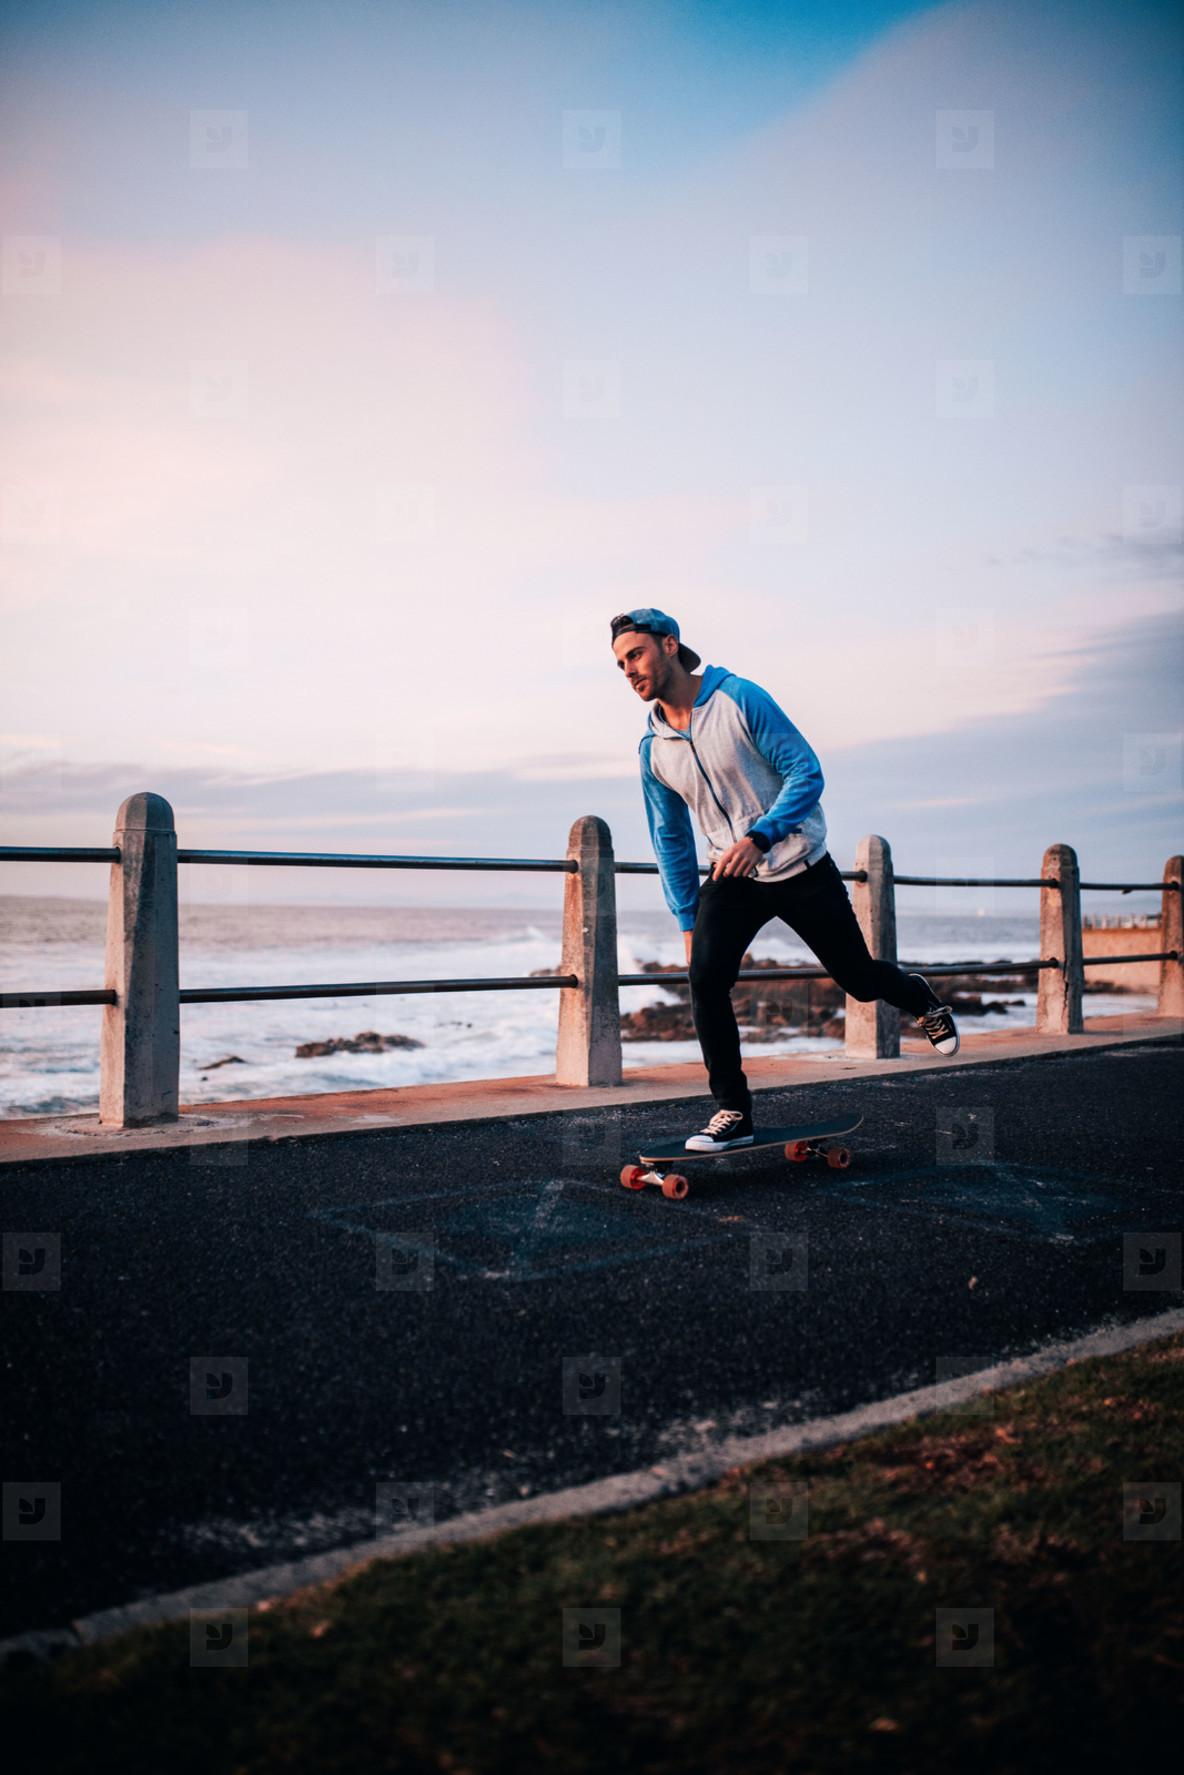 Man longboarding on promenade